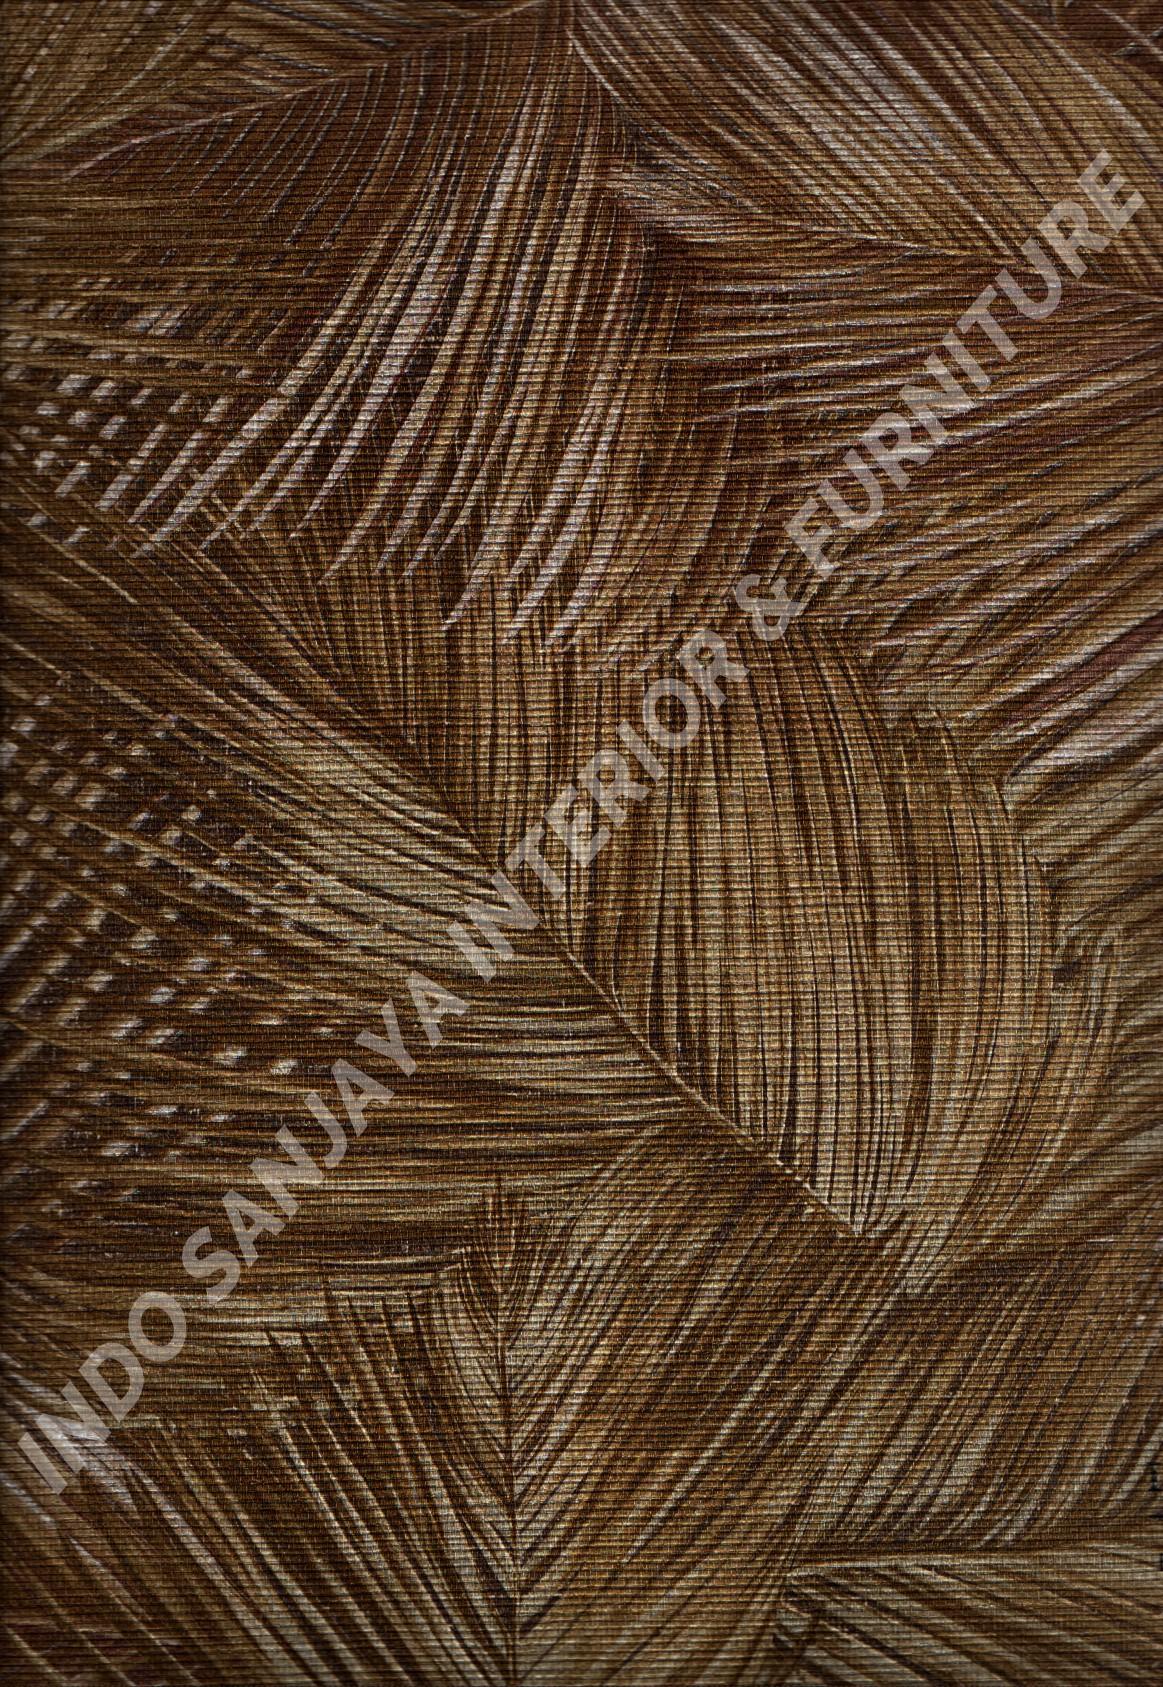 wallpaper ITALIAN STYLE:1817 corak Daun - Daunan warna Coklat